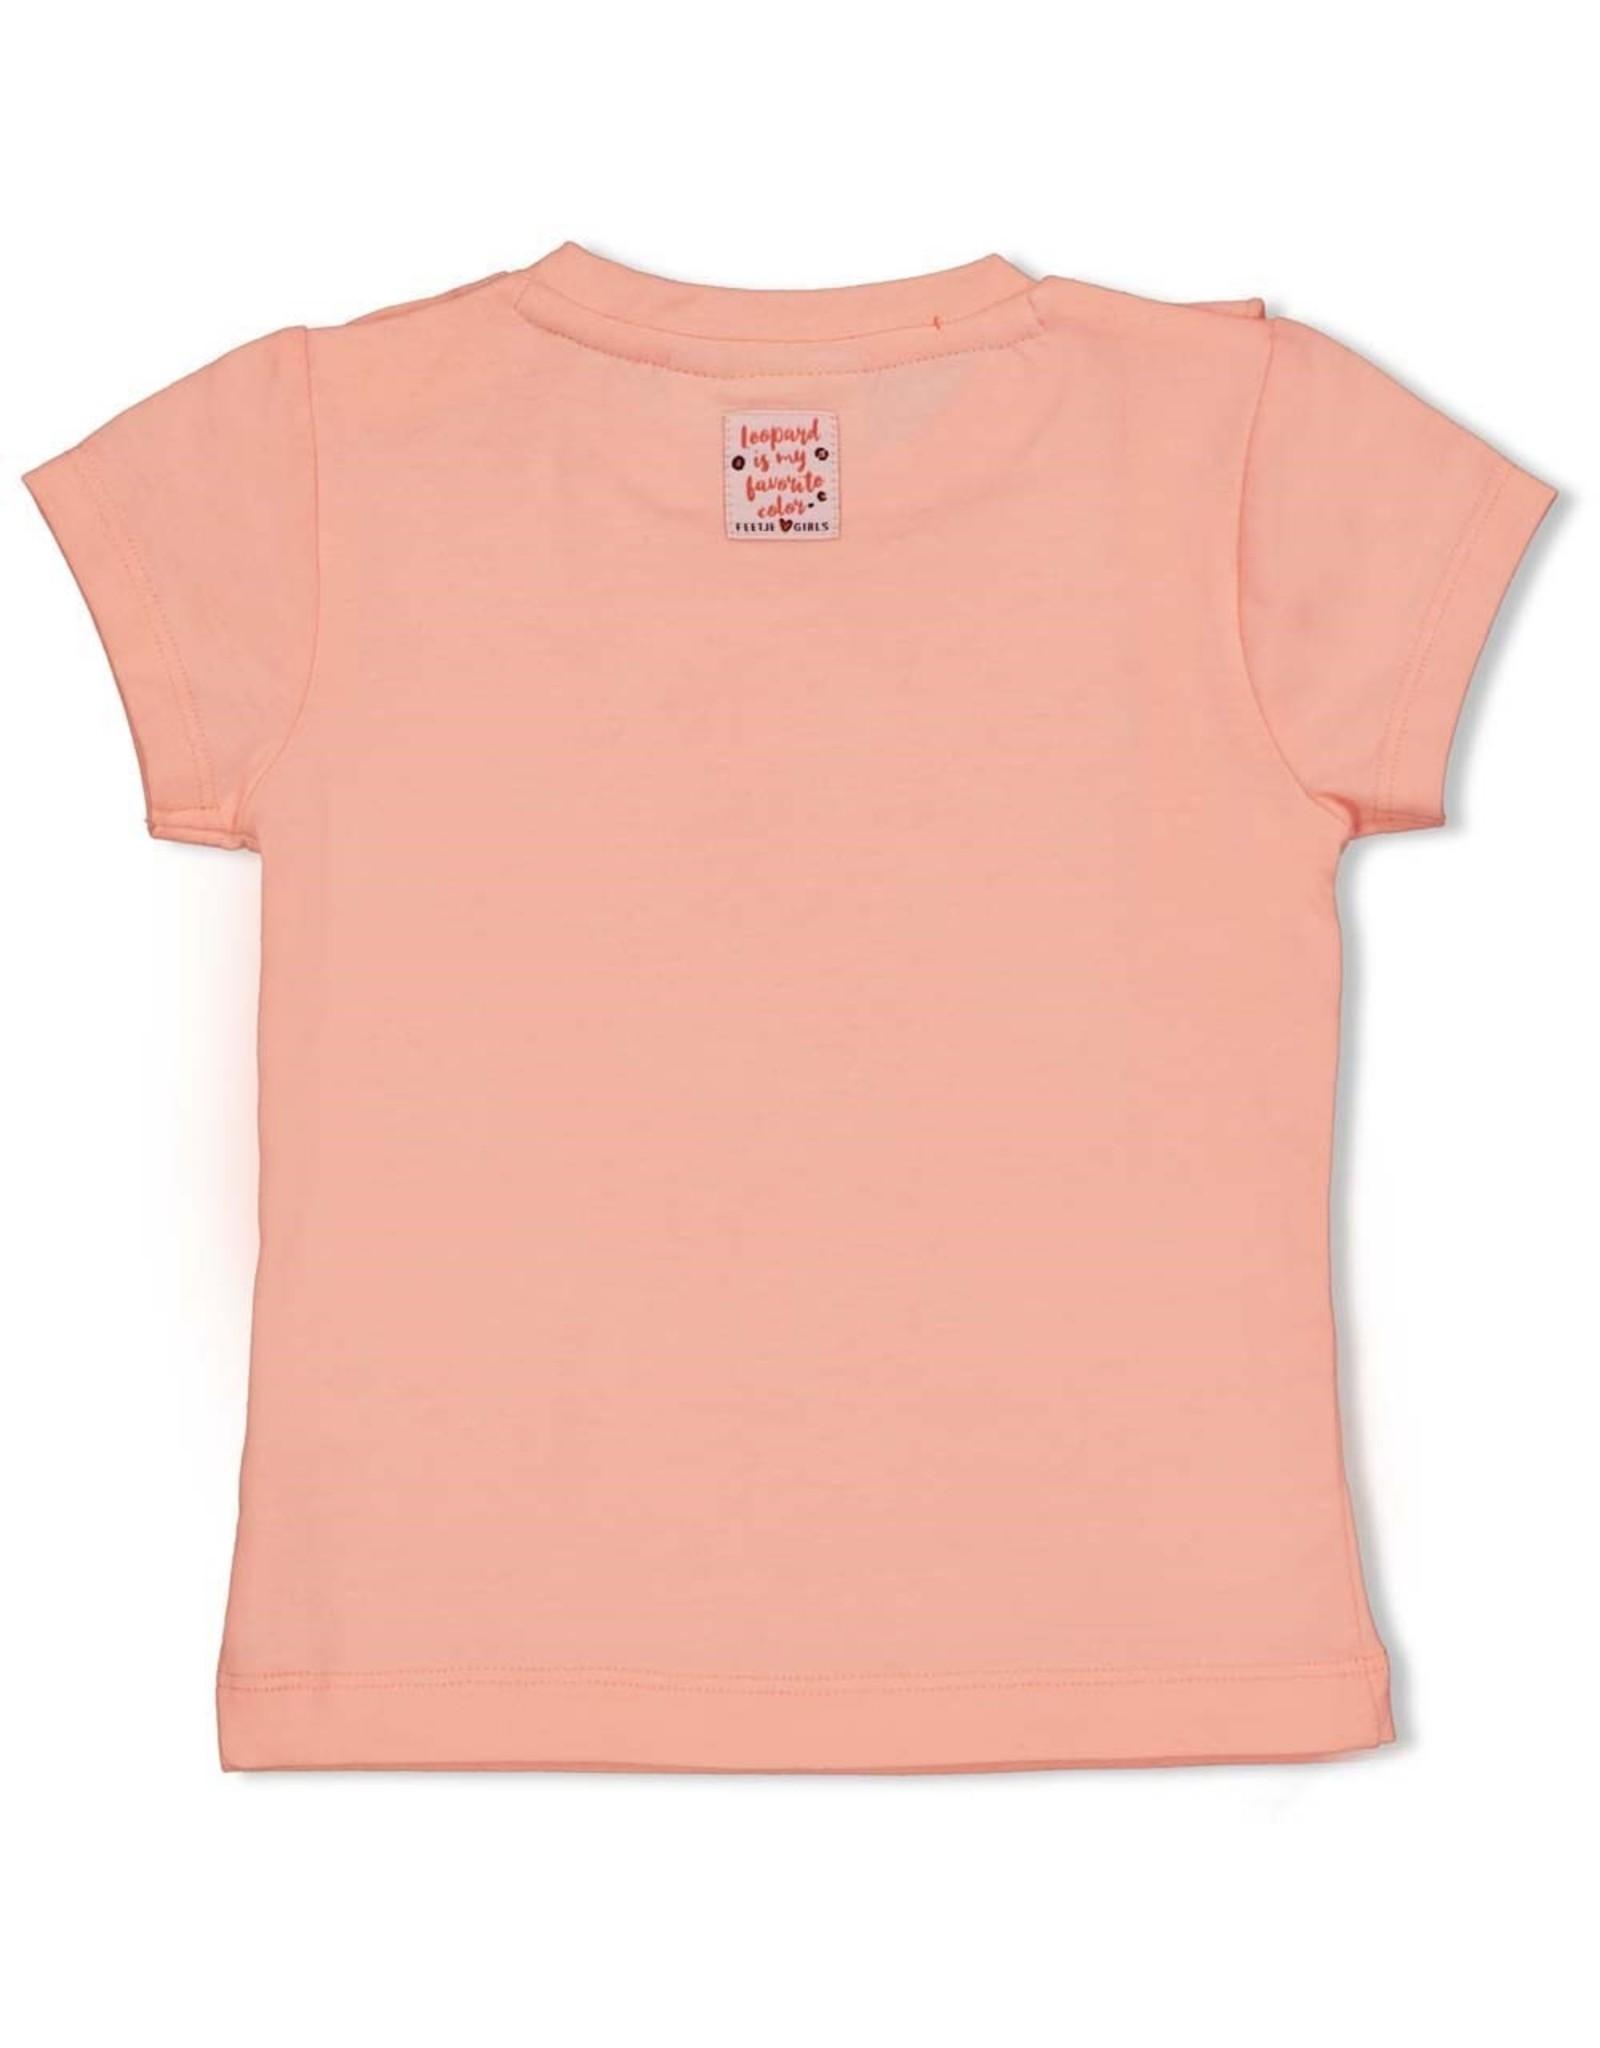 Feetje T-shirt - Leopard Love Roze